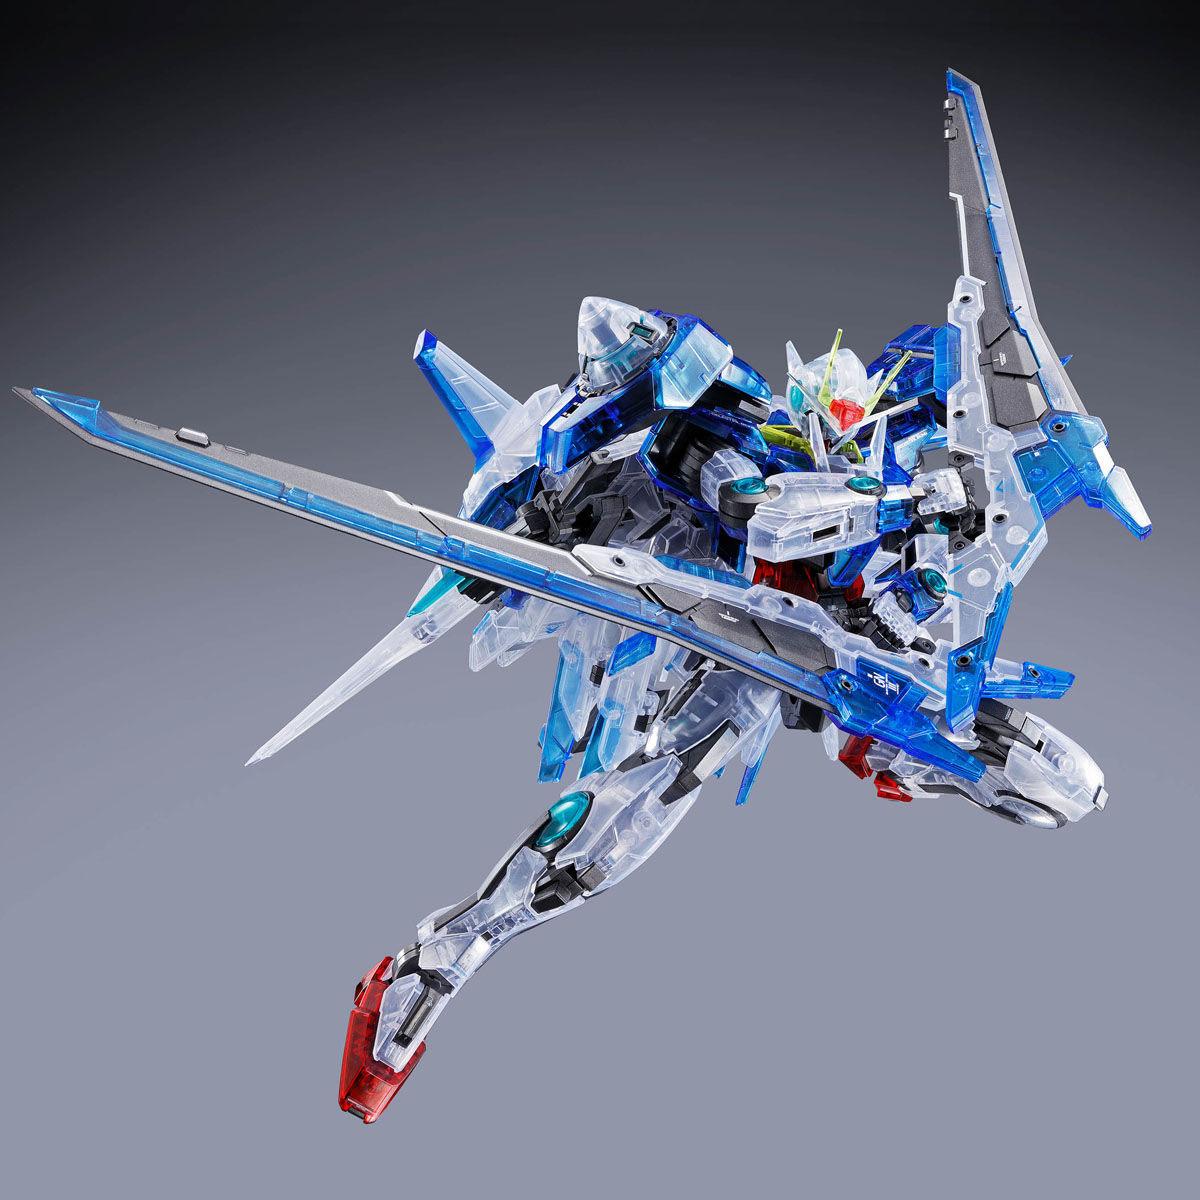 【限定販売】MG 1/100『ダブルオーザンライザー[クリアカラー]』機動戦士ガンダム00V プラモデル-005